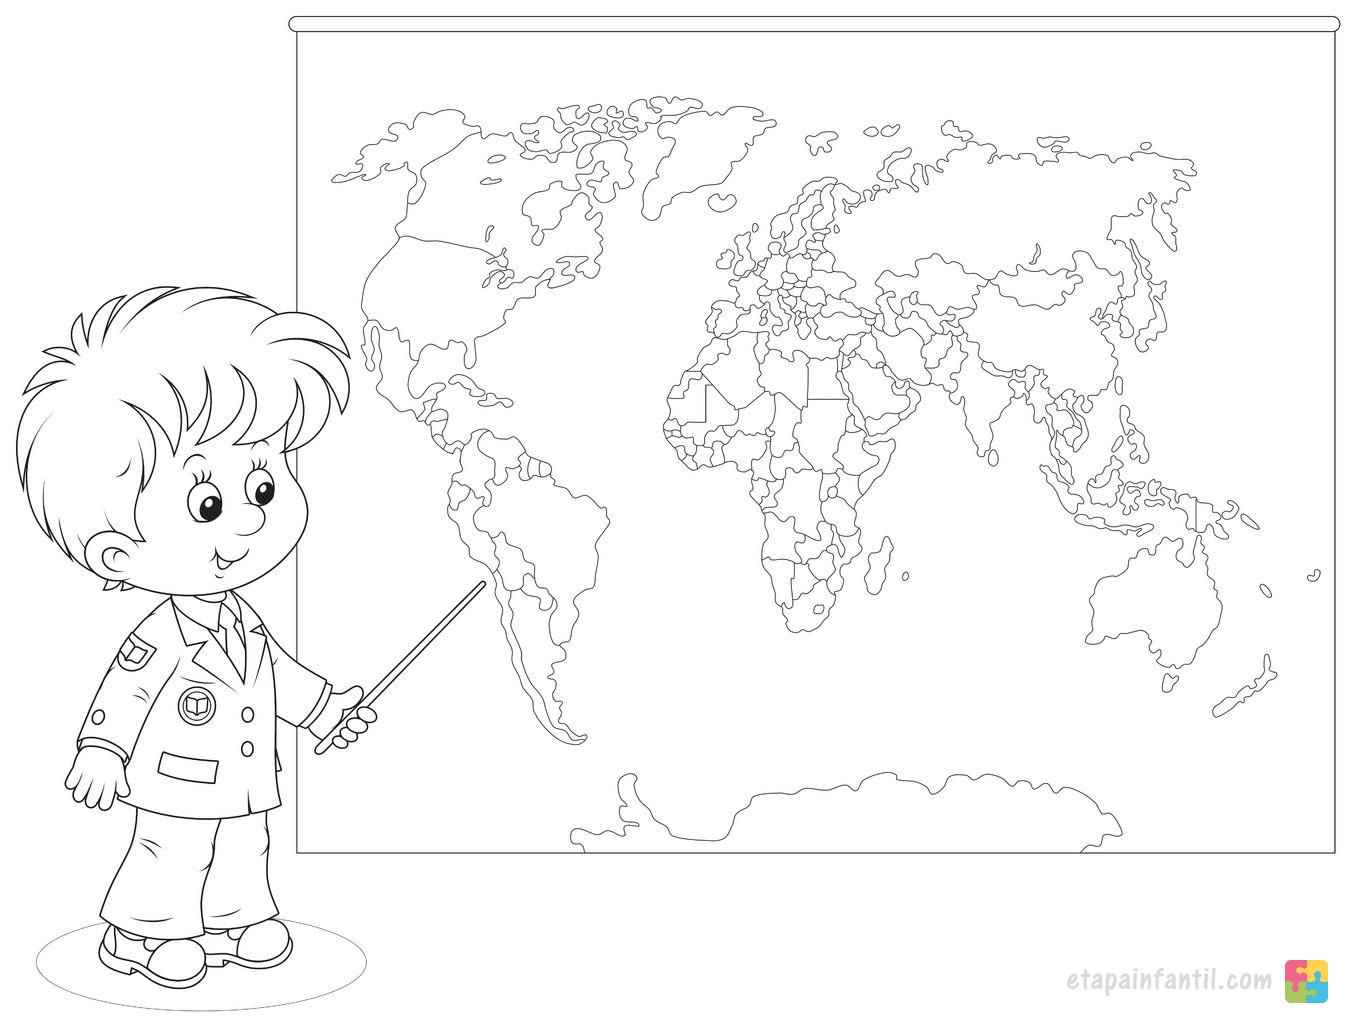 Colorear NiÑos Del Mundo: Mapamundi Para Colorear